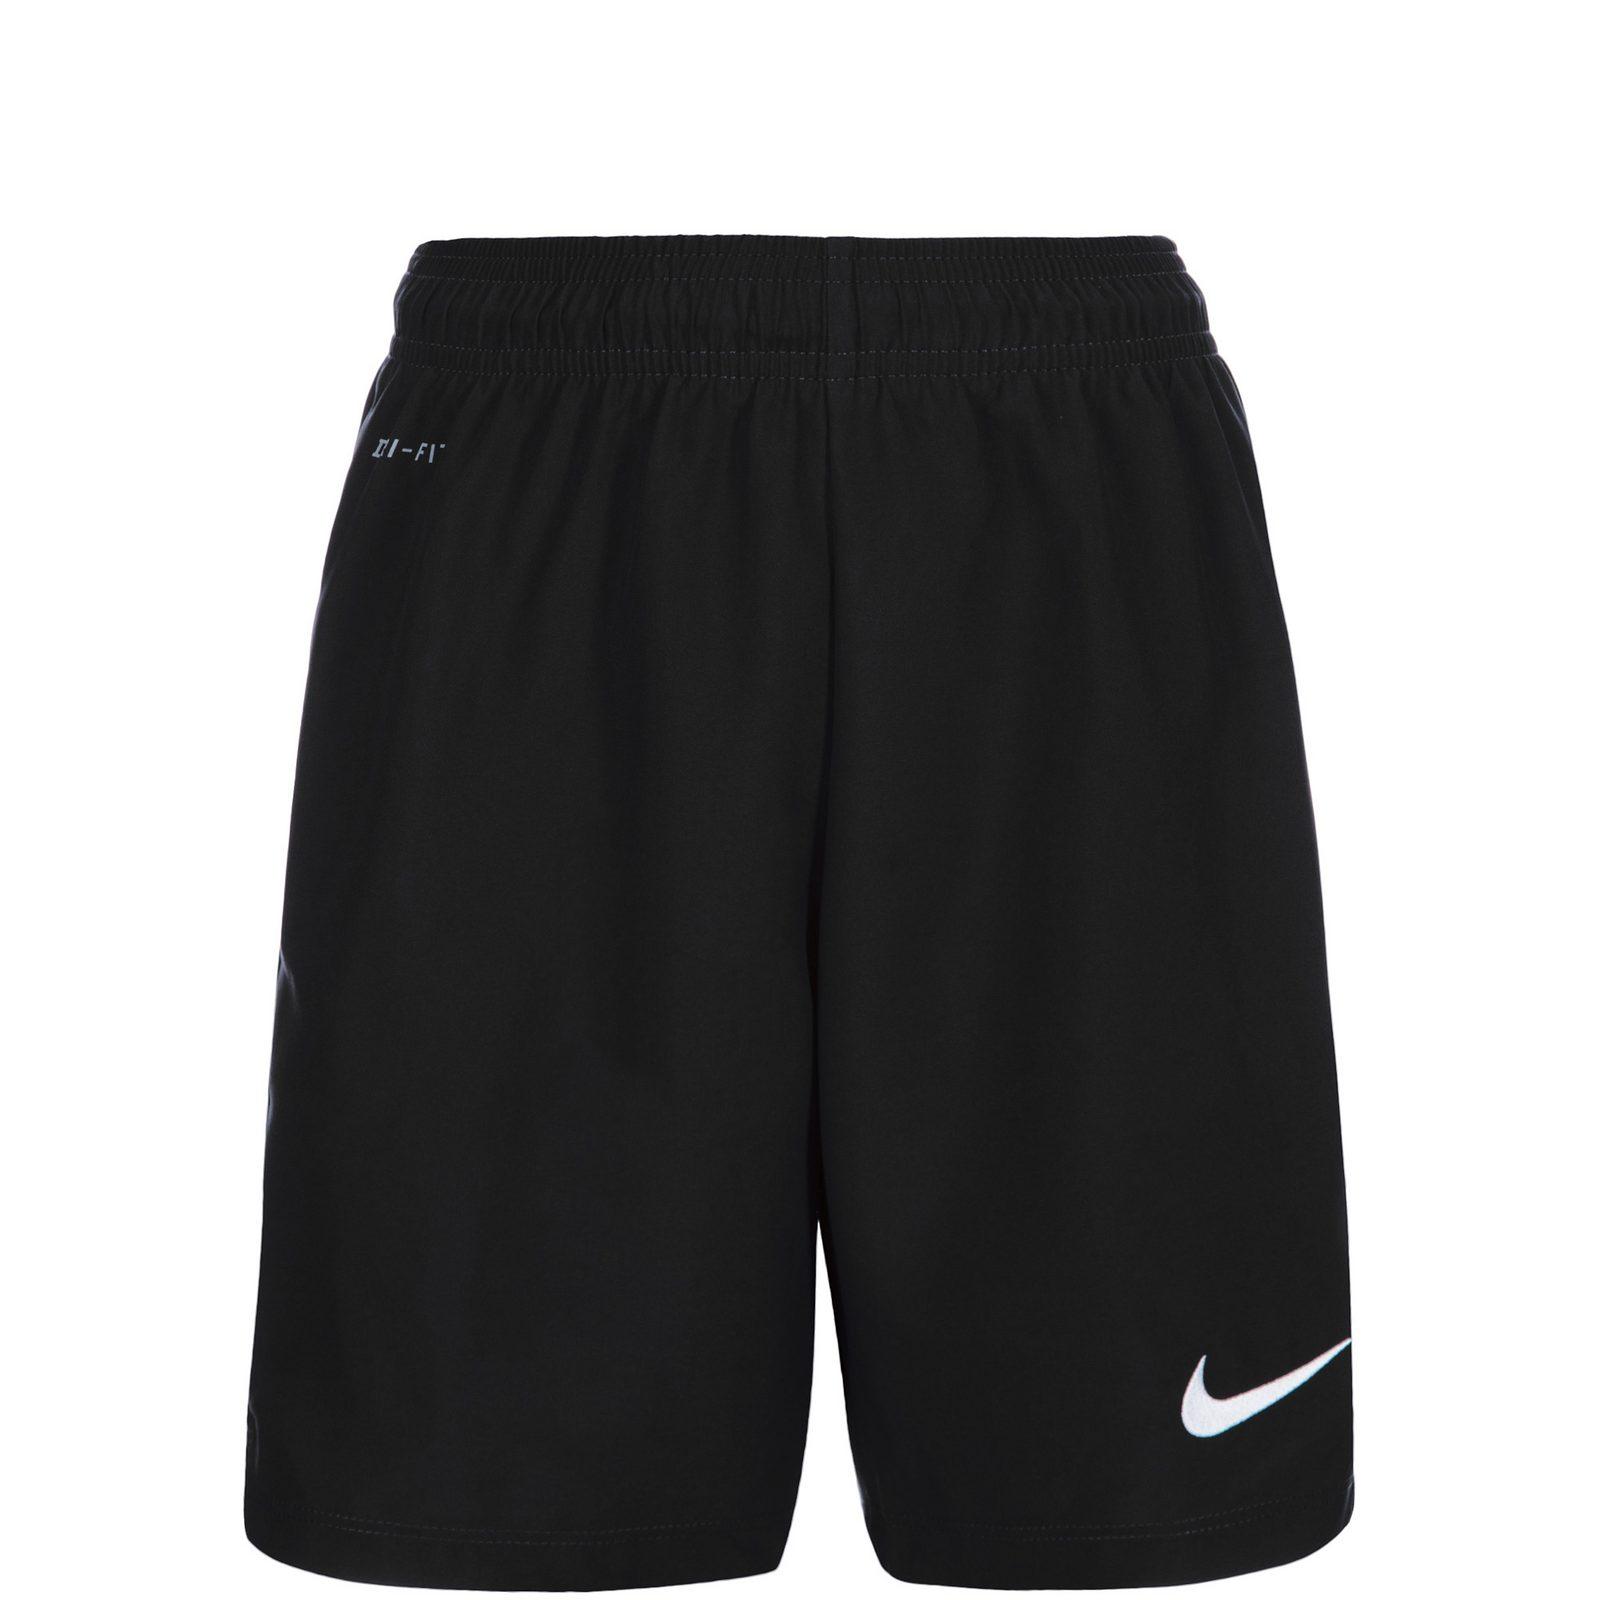 Nike Laser III Short Kinder